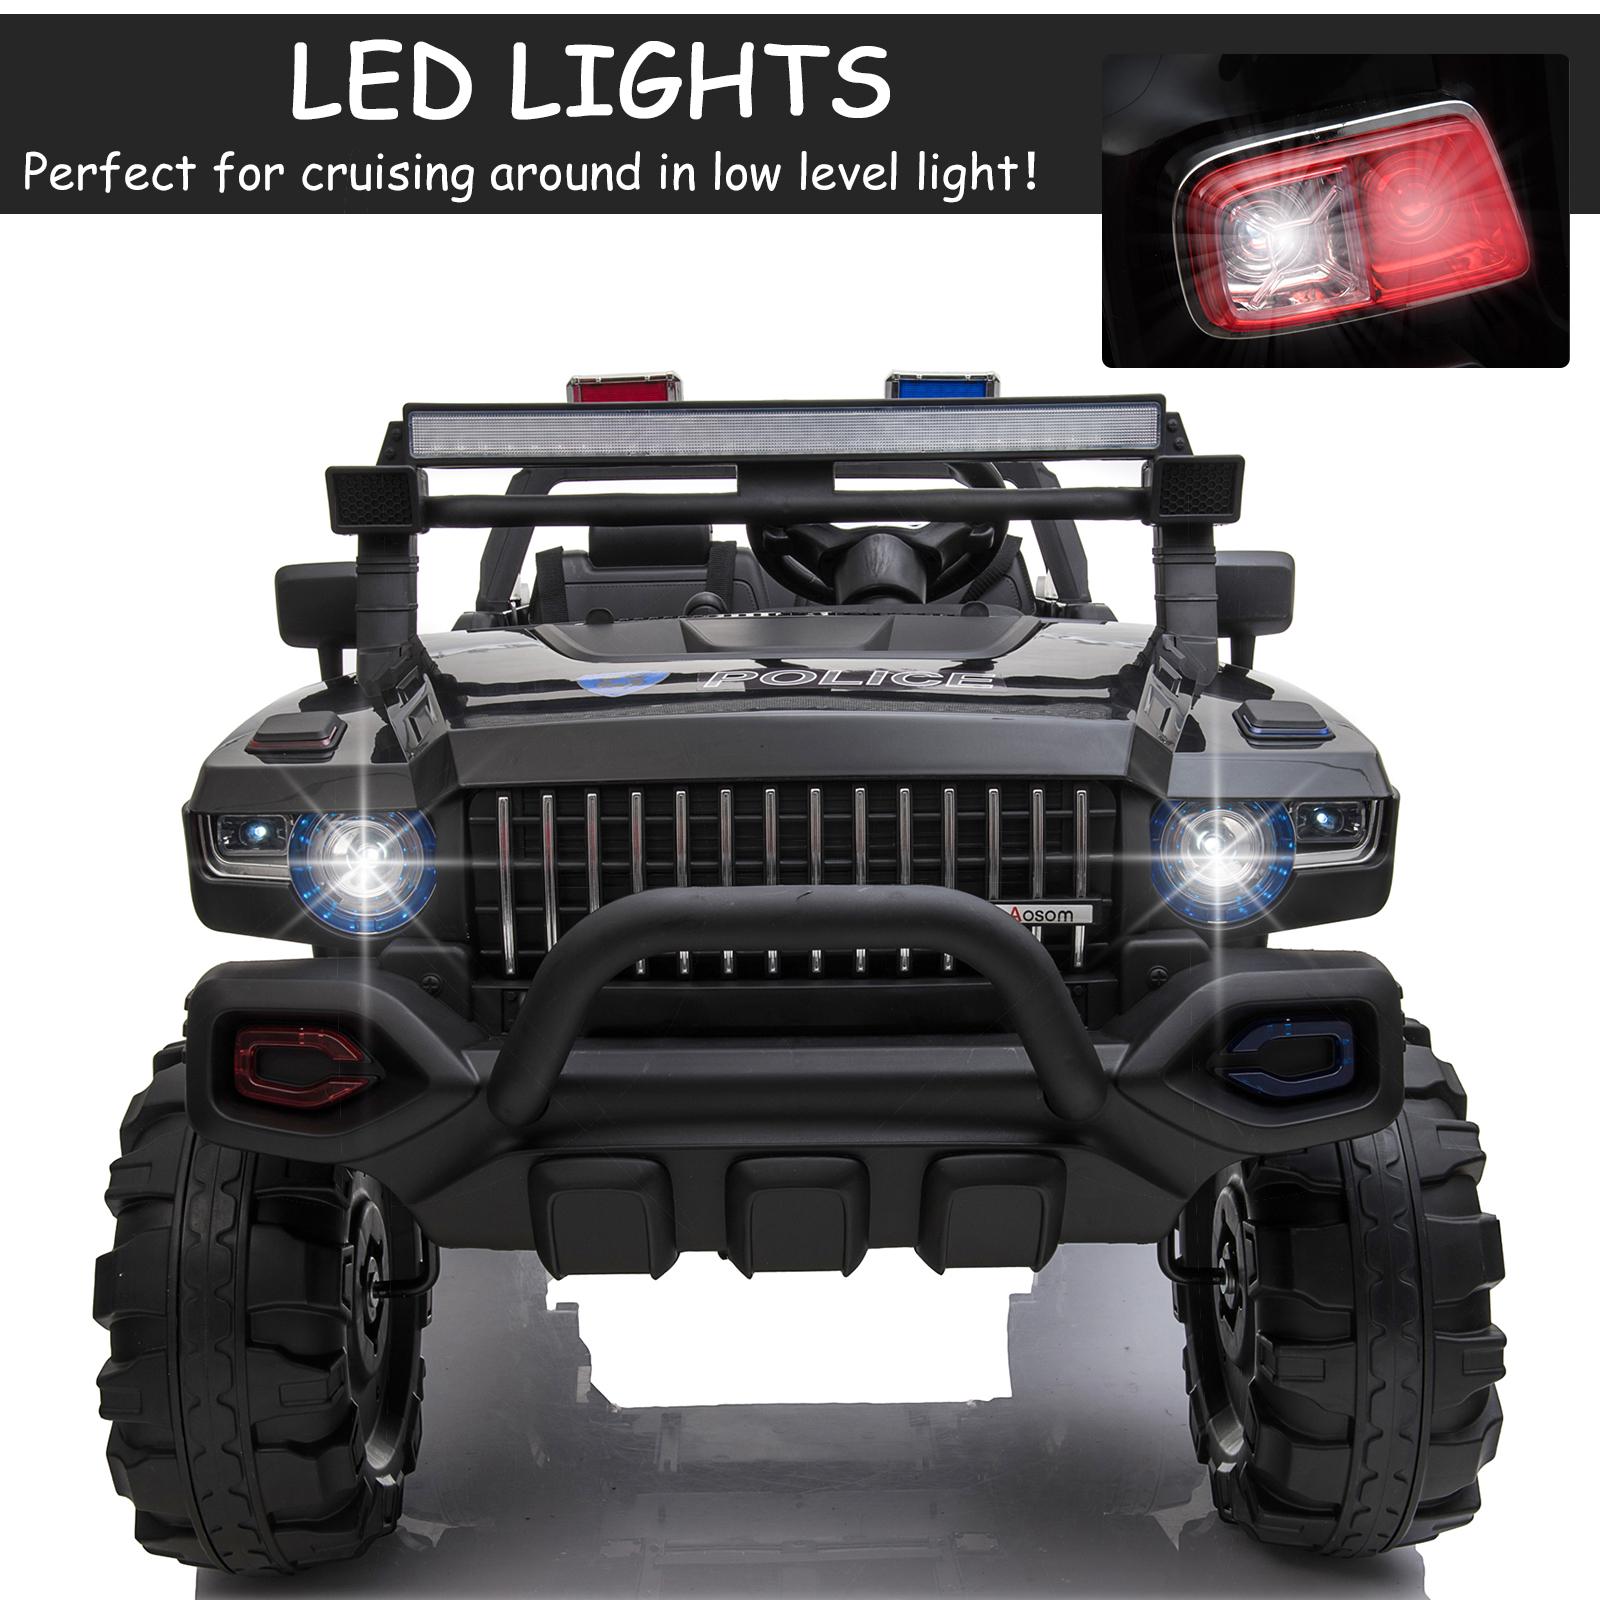 Aosom 12V RC 2-Seater Kids Ride-On Police Truck, LED